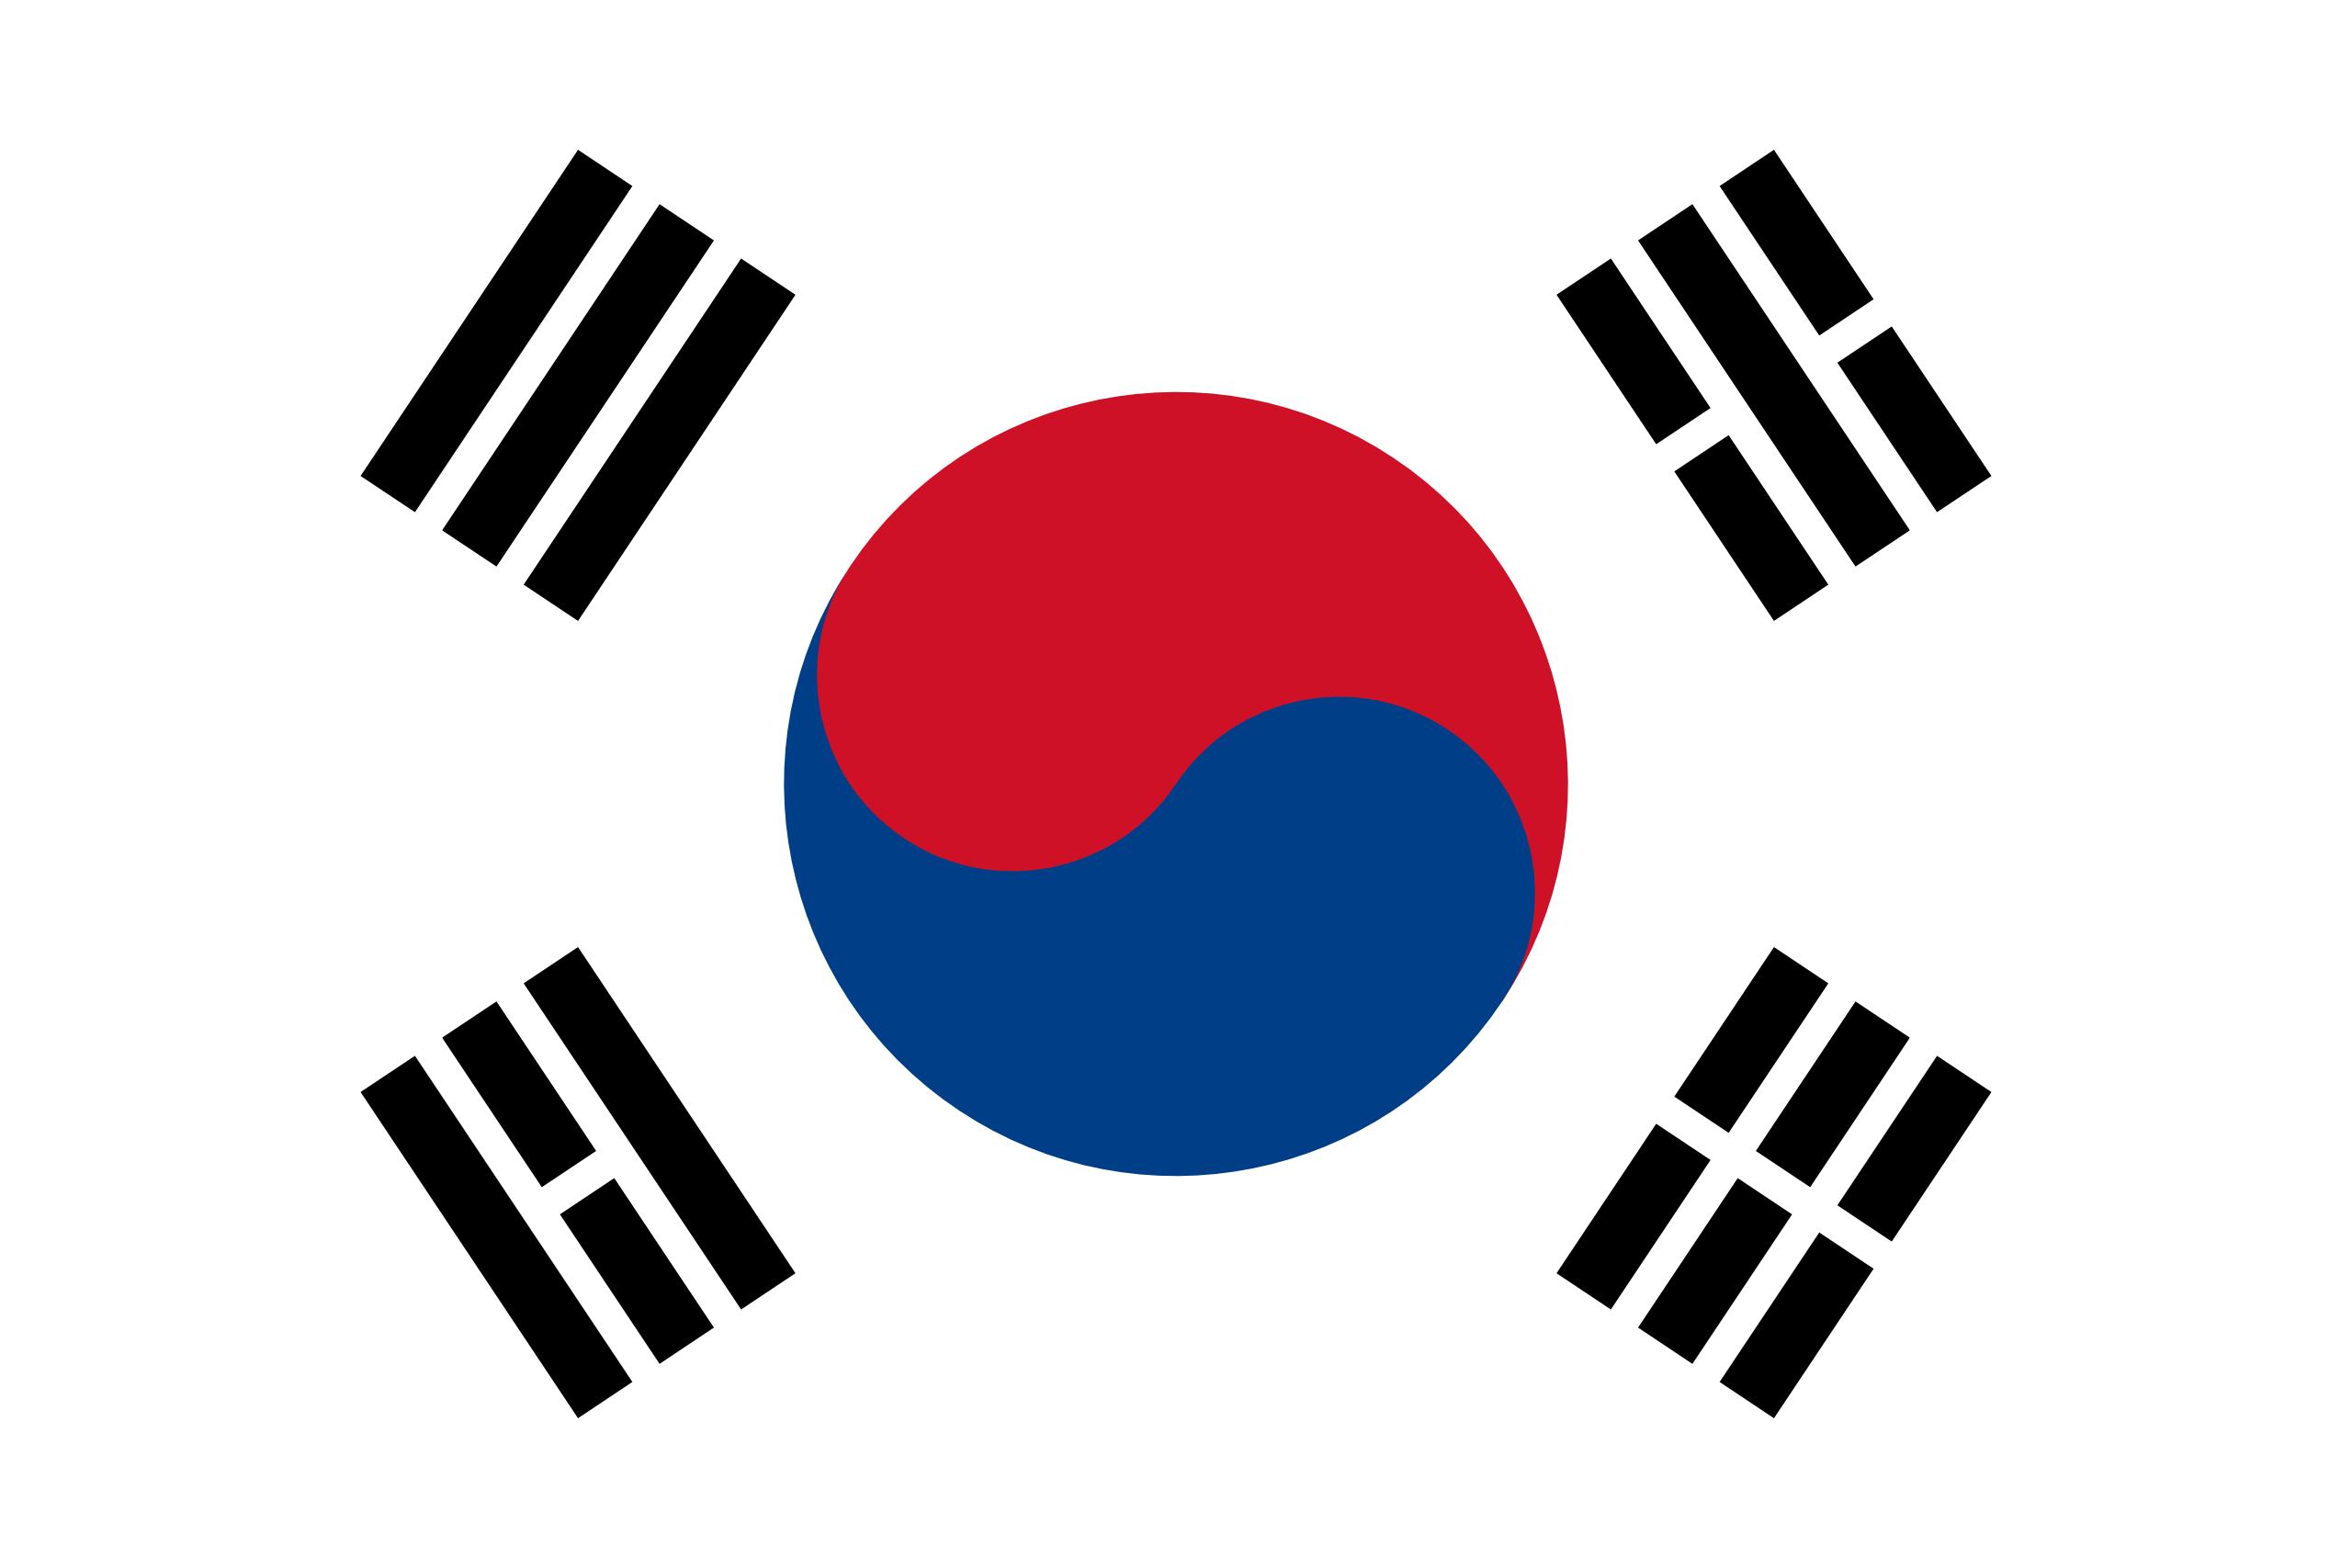 corea del sur, país, emblema, insignia, símbolo - Fondos de Pantalla HD - professor-falken.com